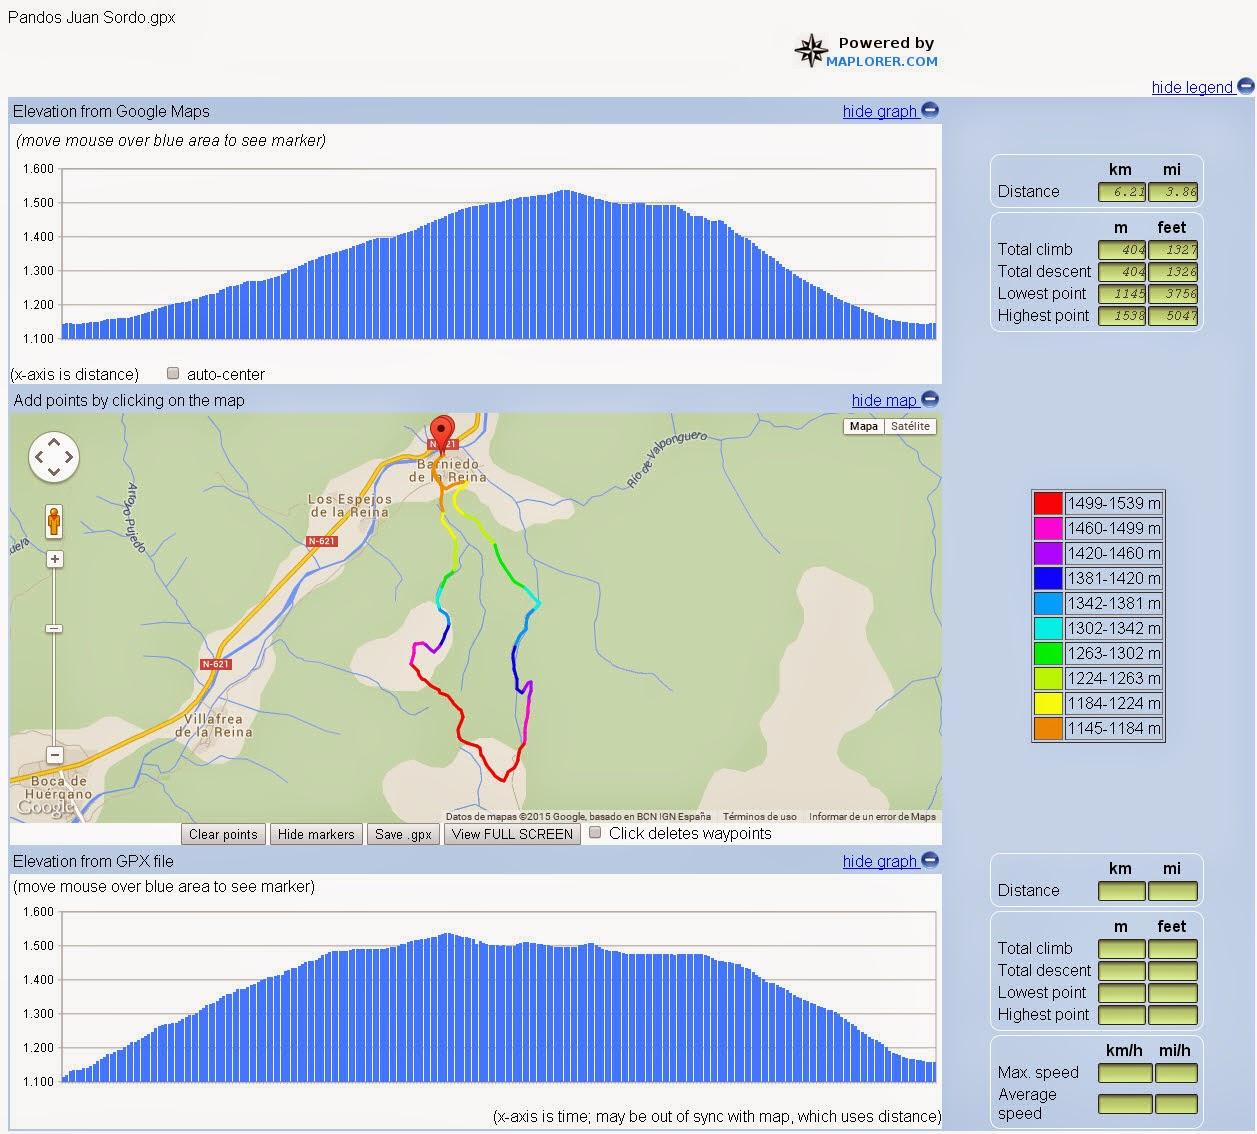 small resolution of los perfiles de elevaci n se muestran basados tanto en google maps como en los datos del track si tiene datos de elevaci n v lidos